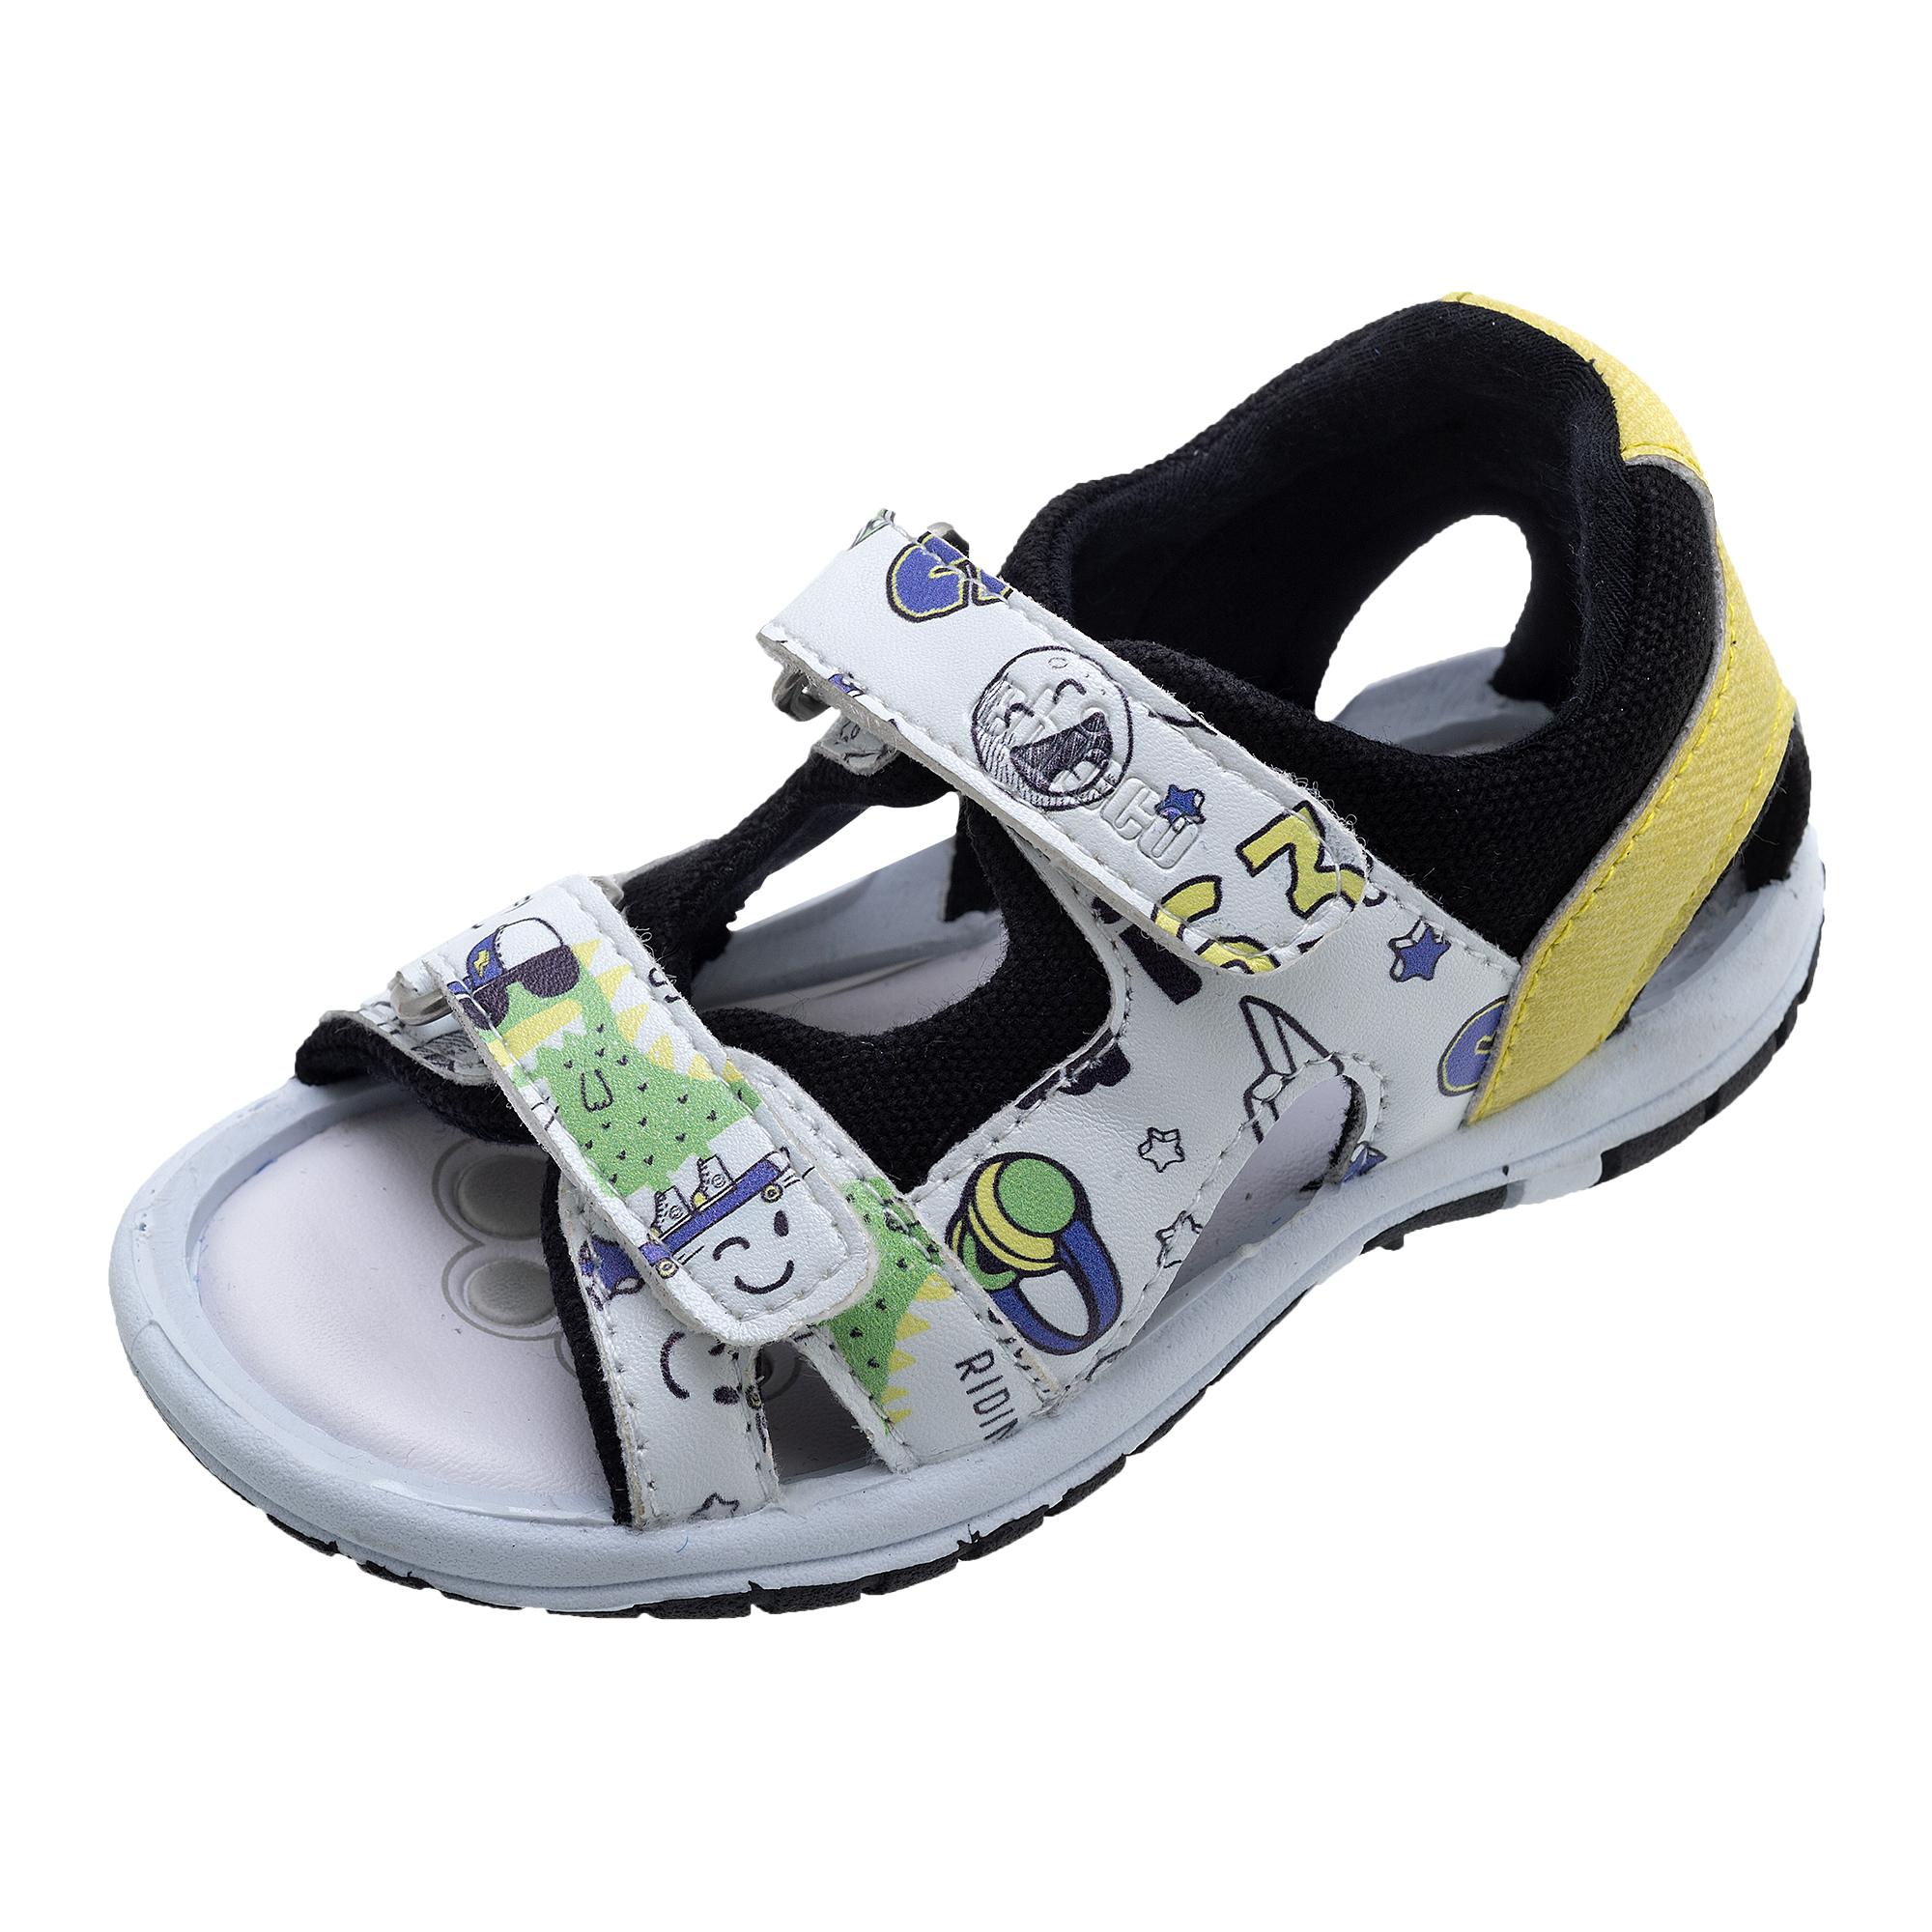 Sandale Copii Chicco Florian, Alb, 63383 imagine